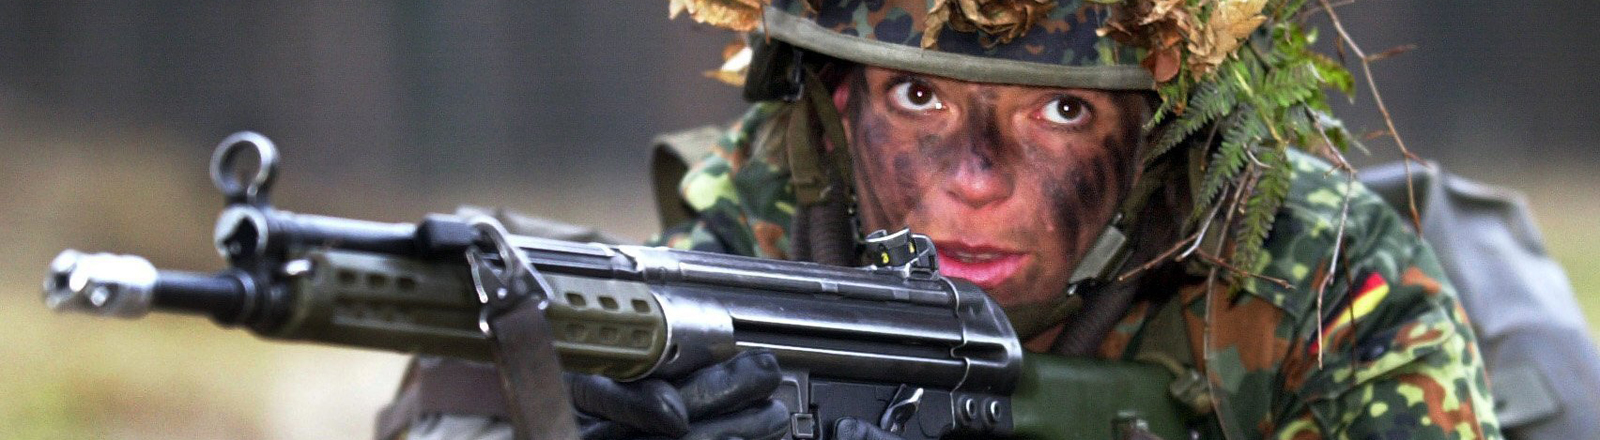 Soldatin bei Schießübungen